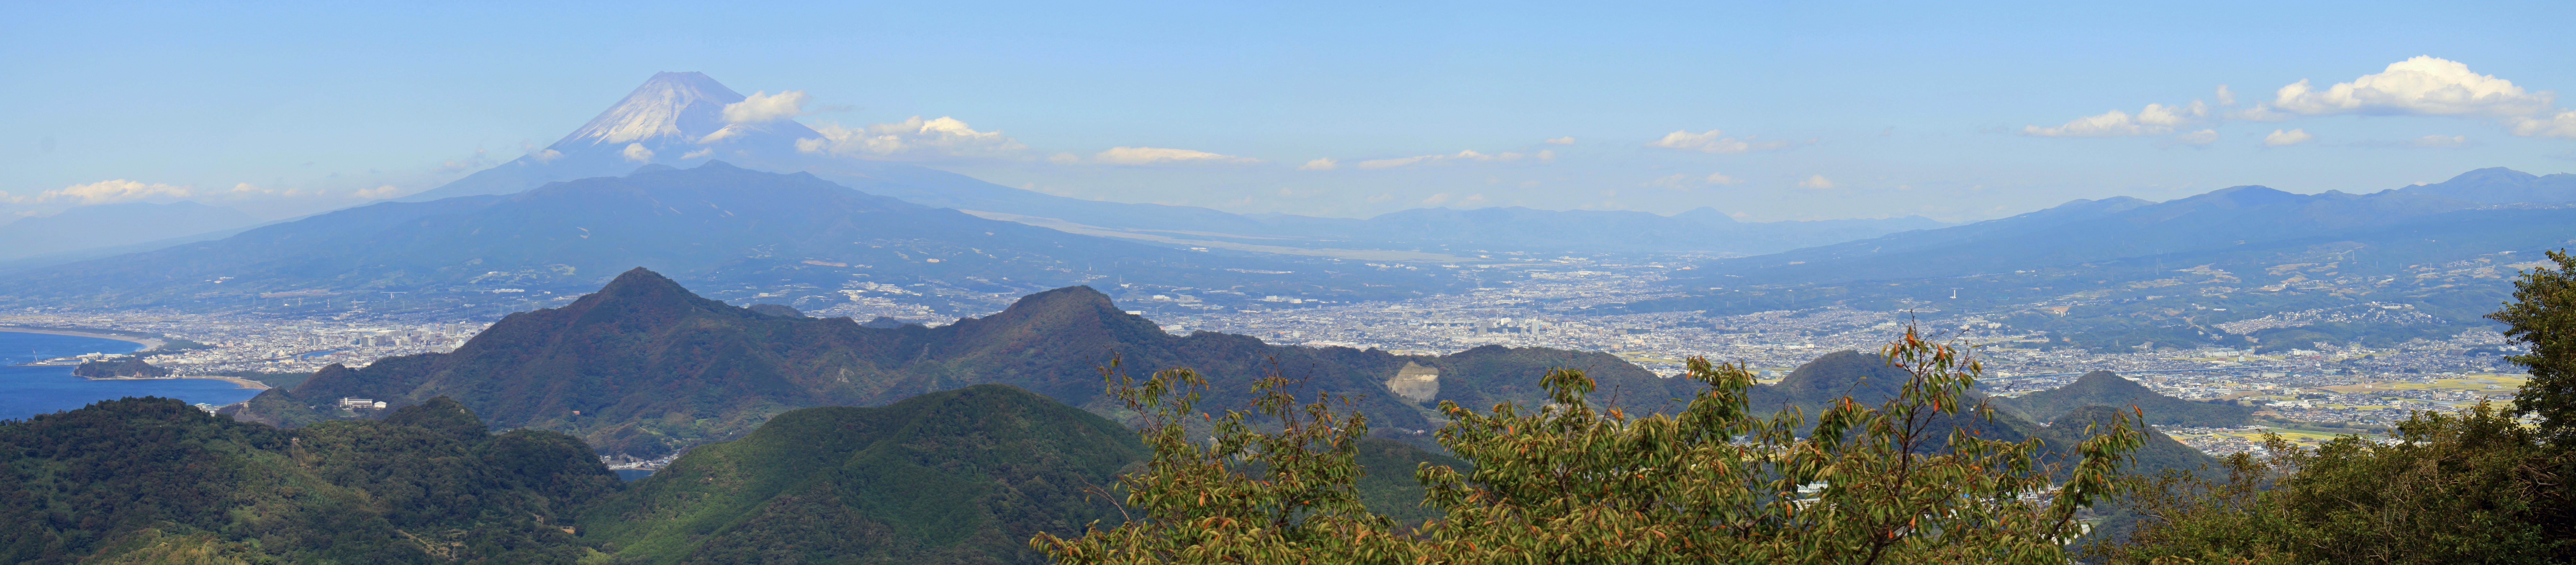 가쓰라기야마 산 (葛城山)